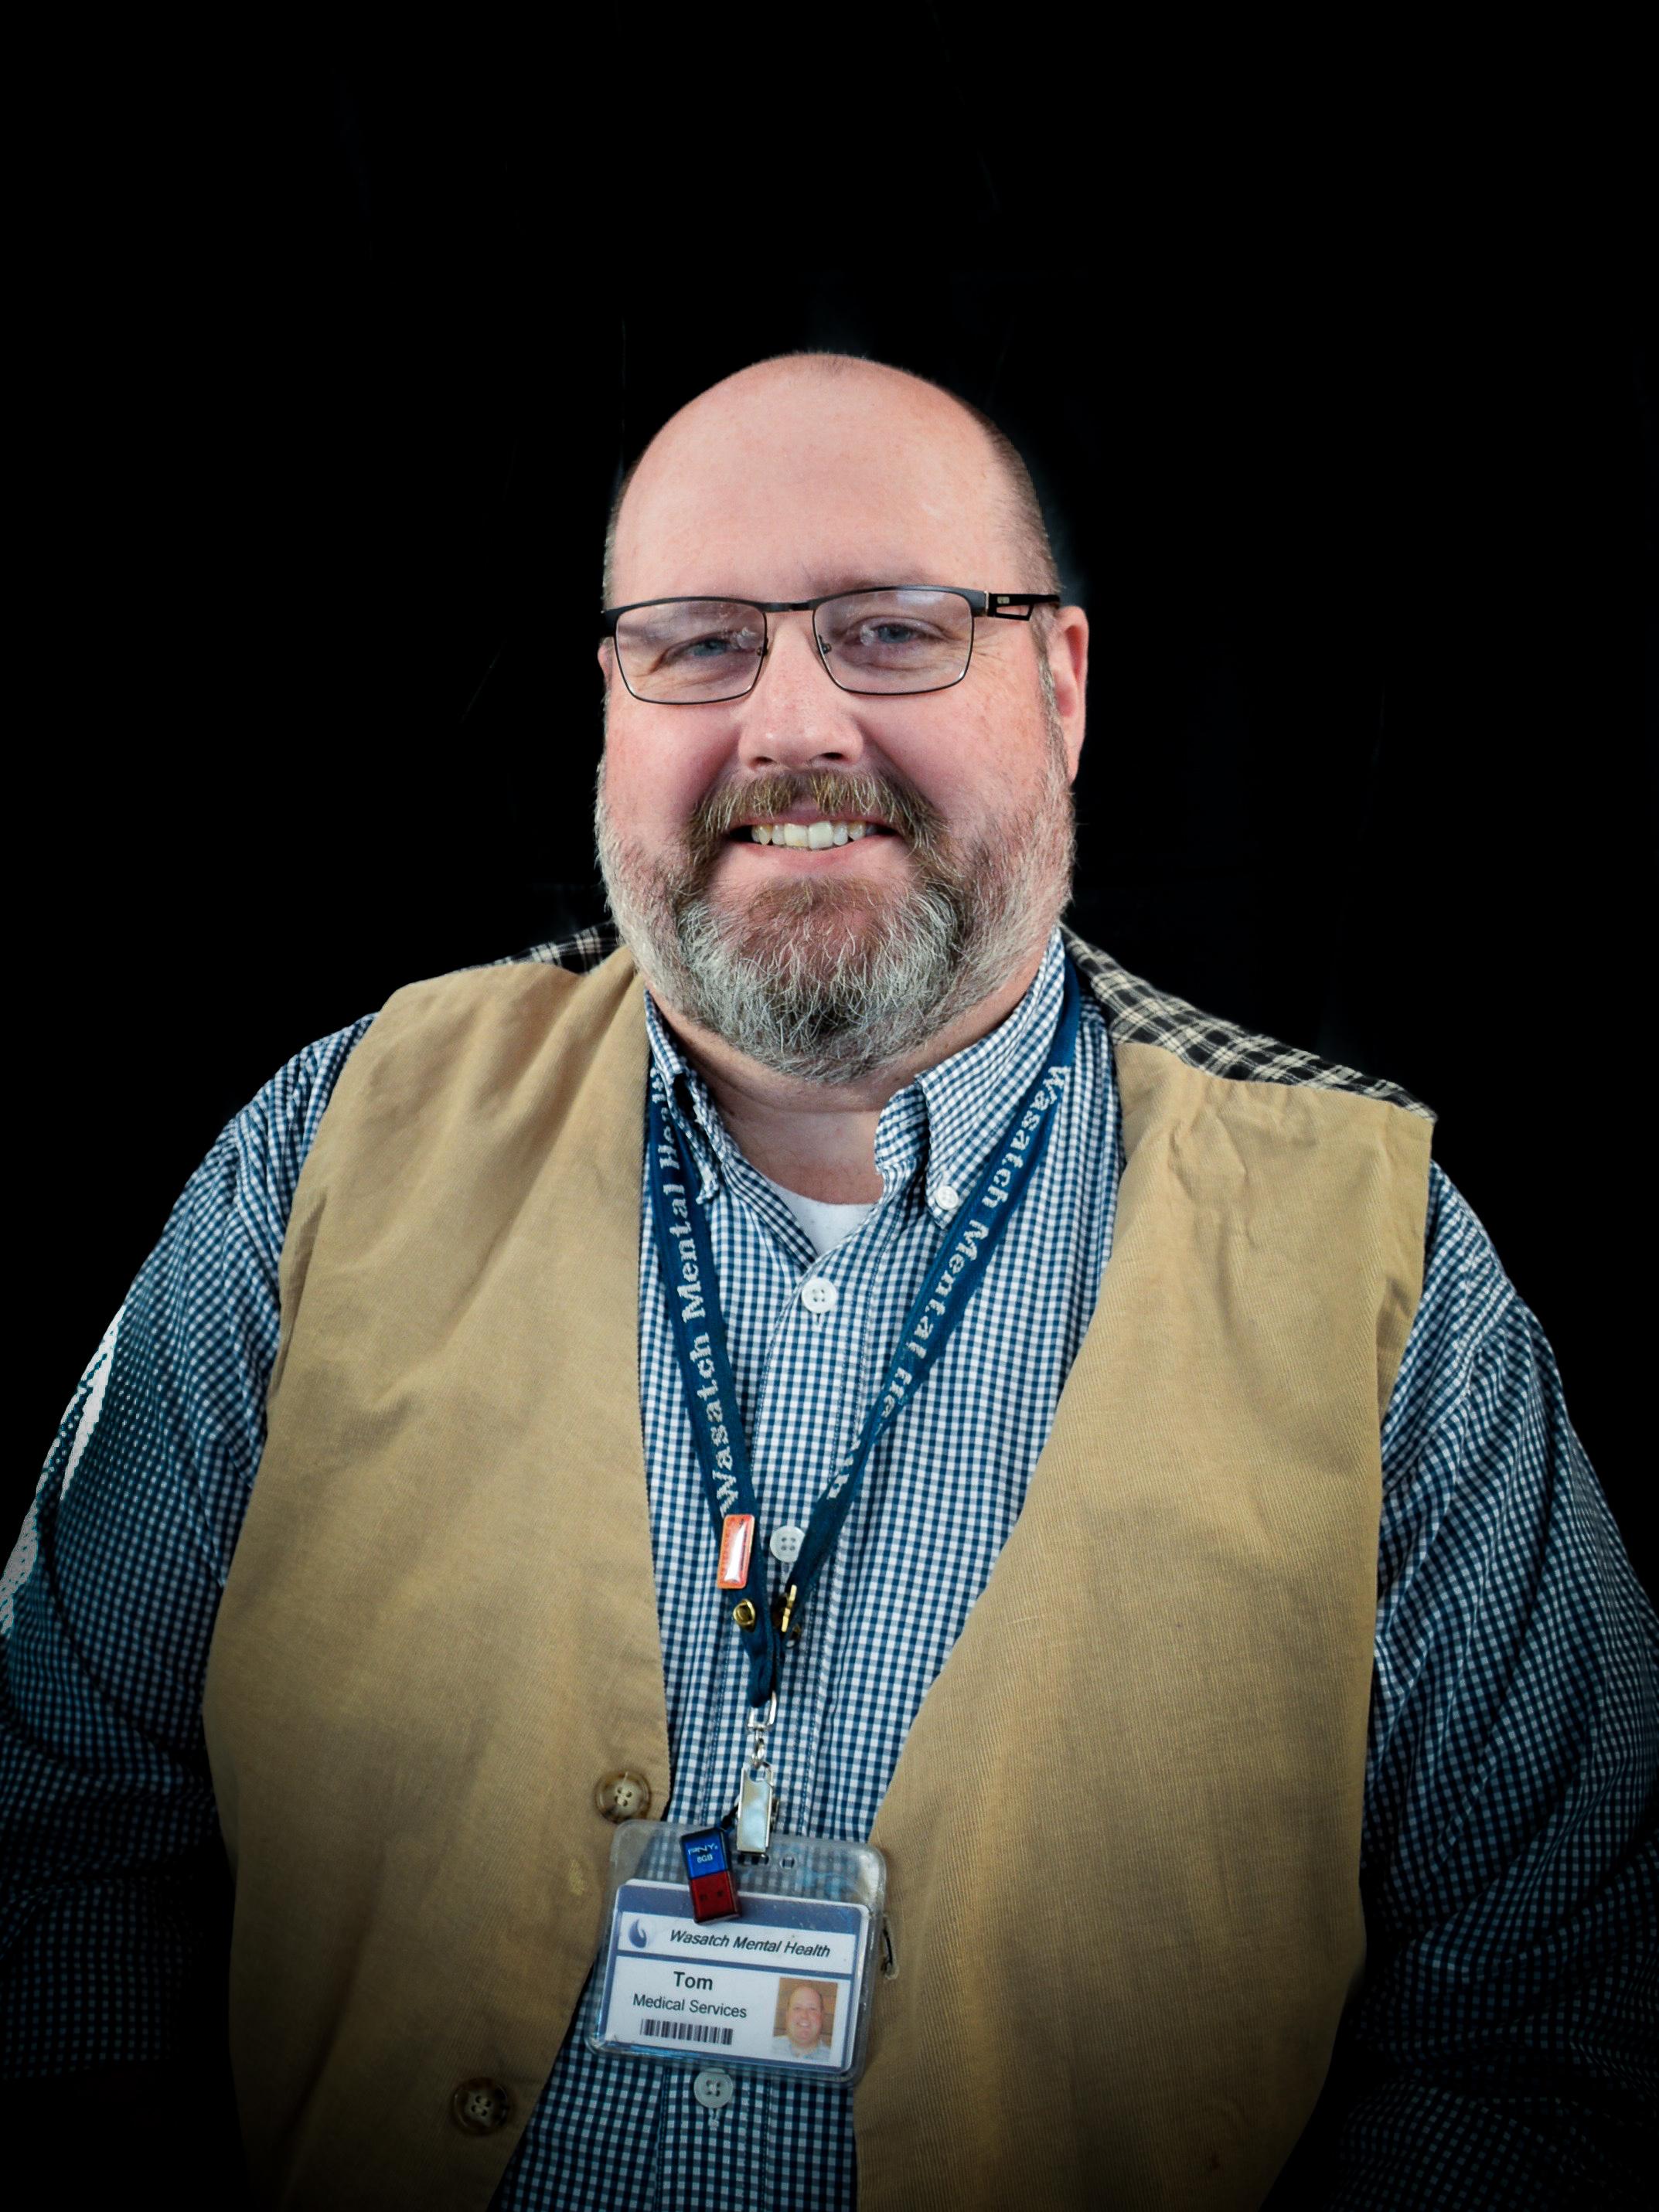 Tom Parkinson, RN, Provo